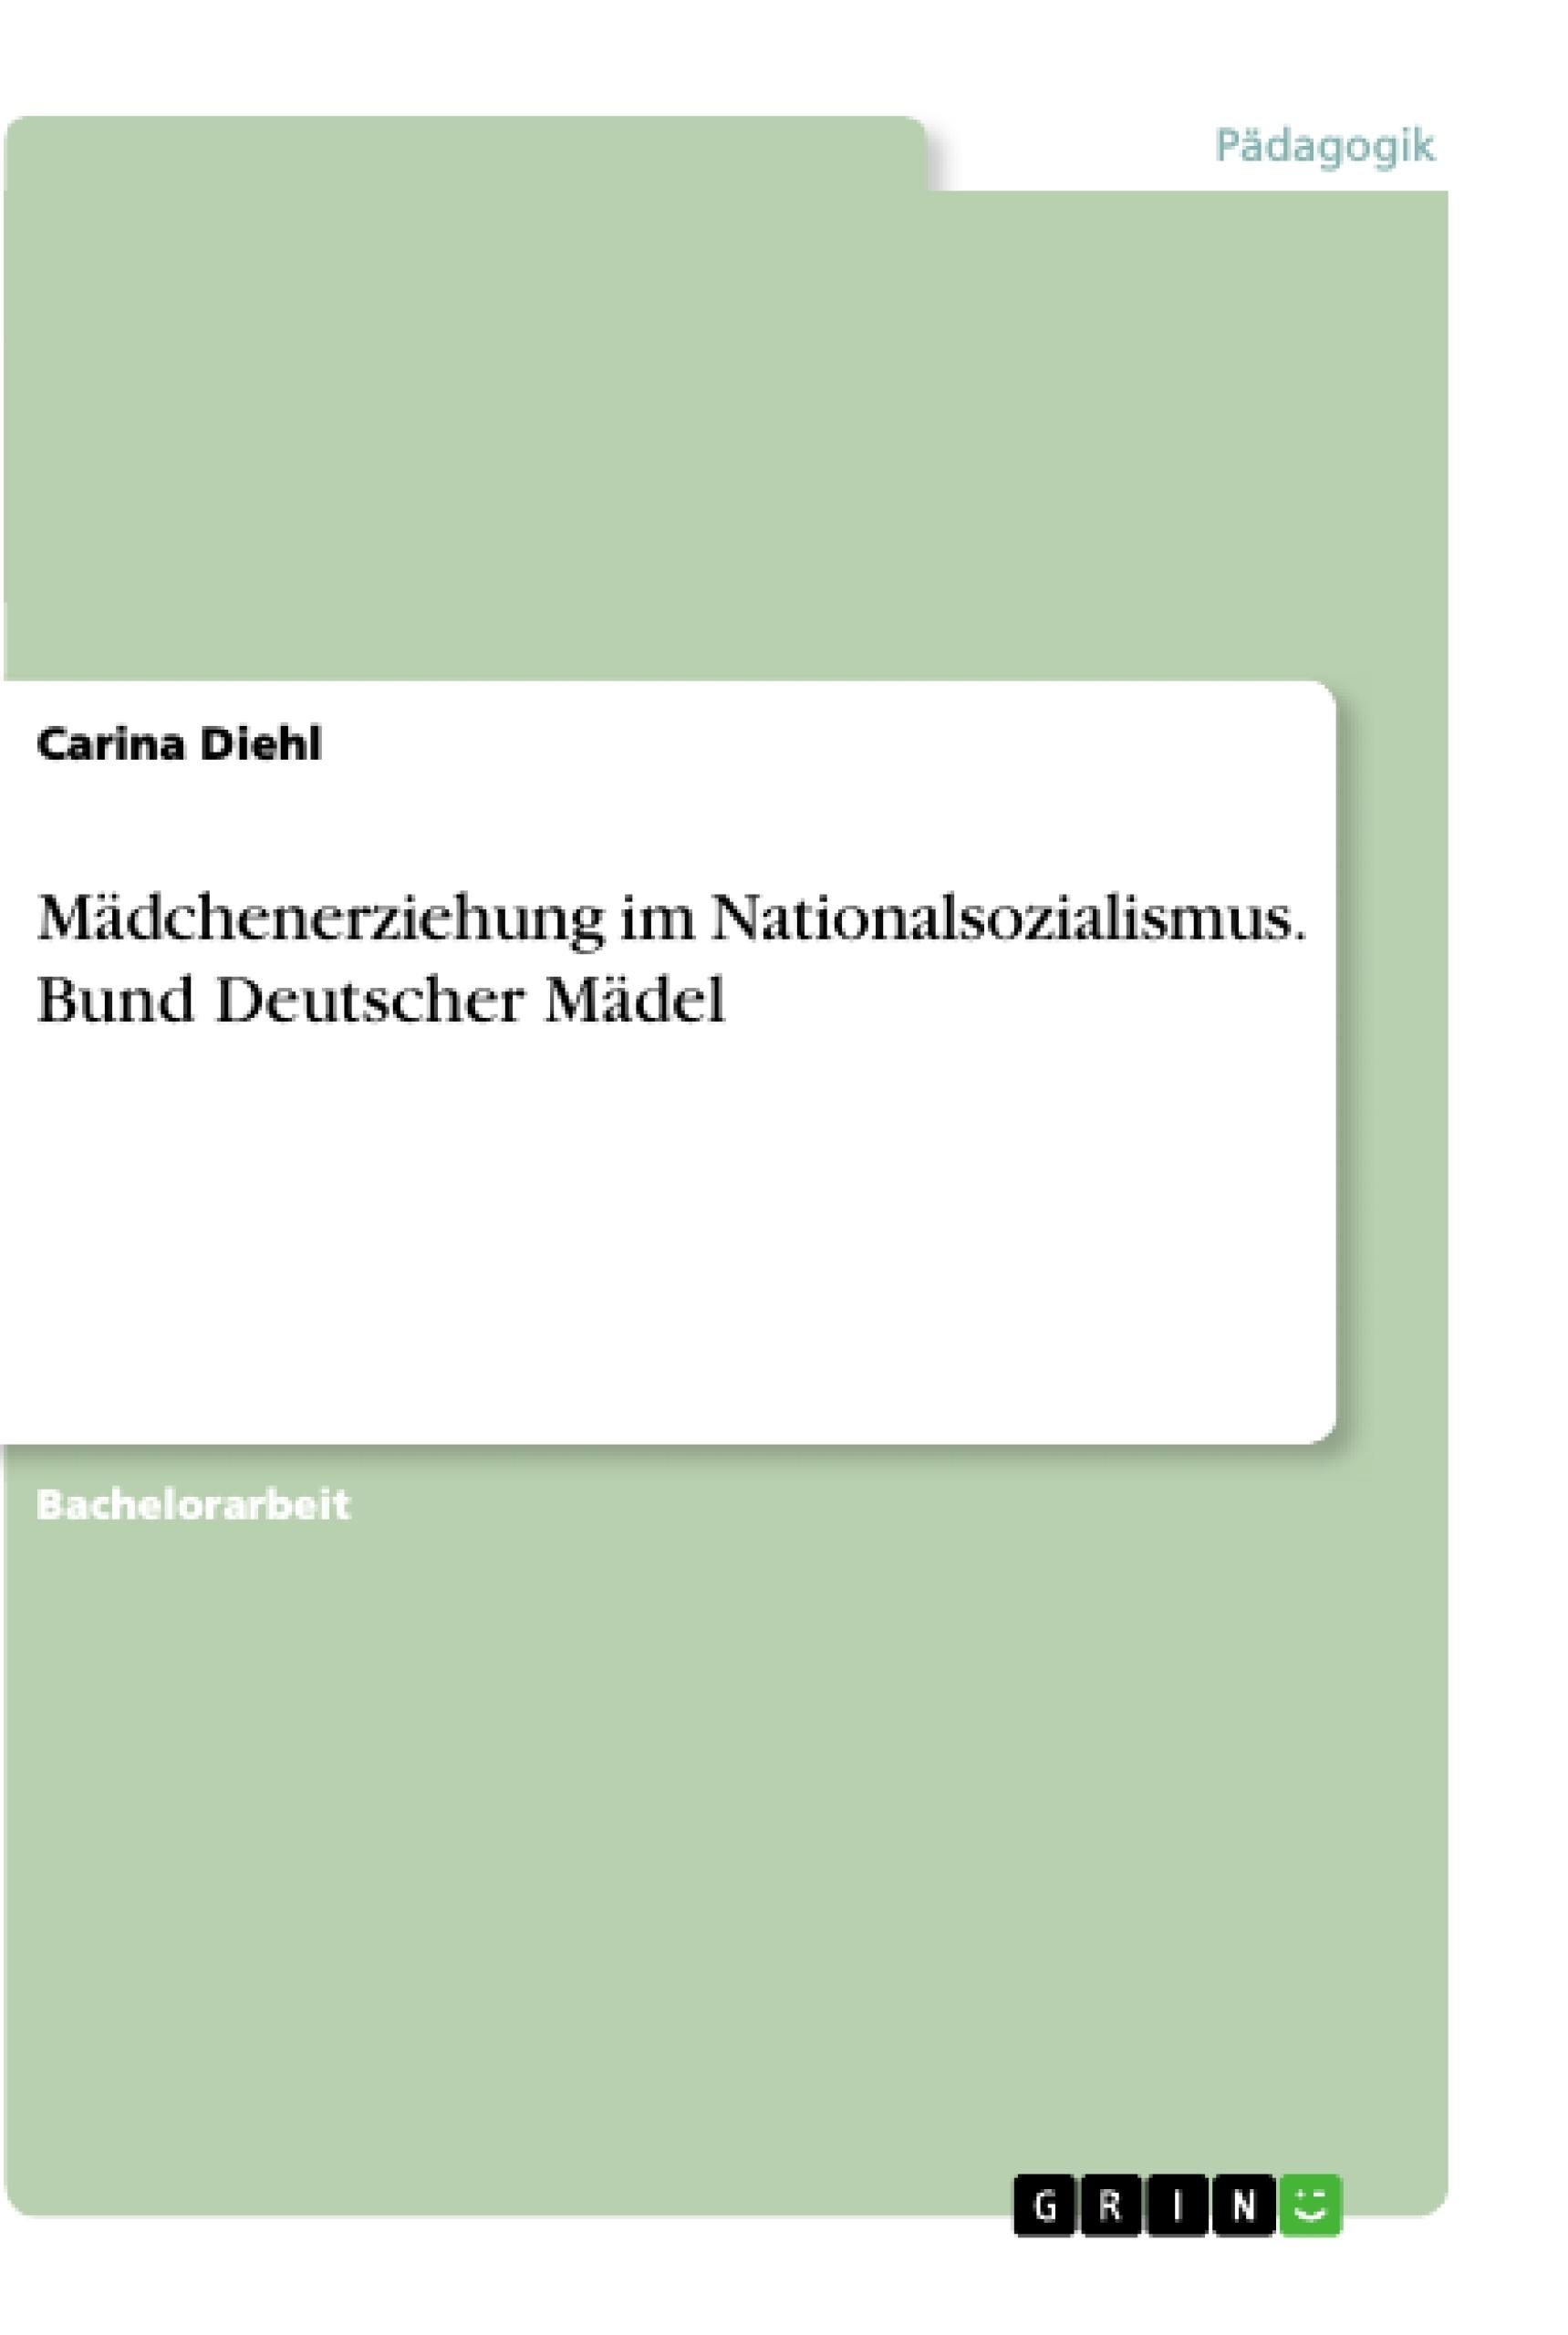 Titel: Mädchenerziehung im Nationalsozialismus. Bund Deutscher Mädel